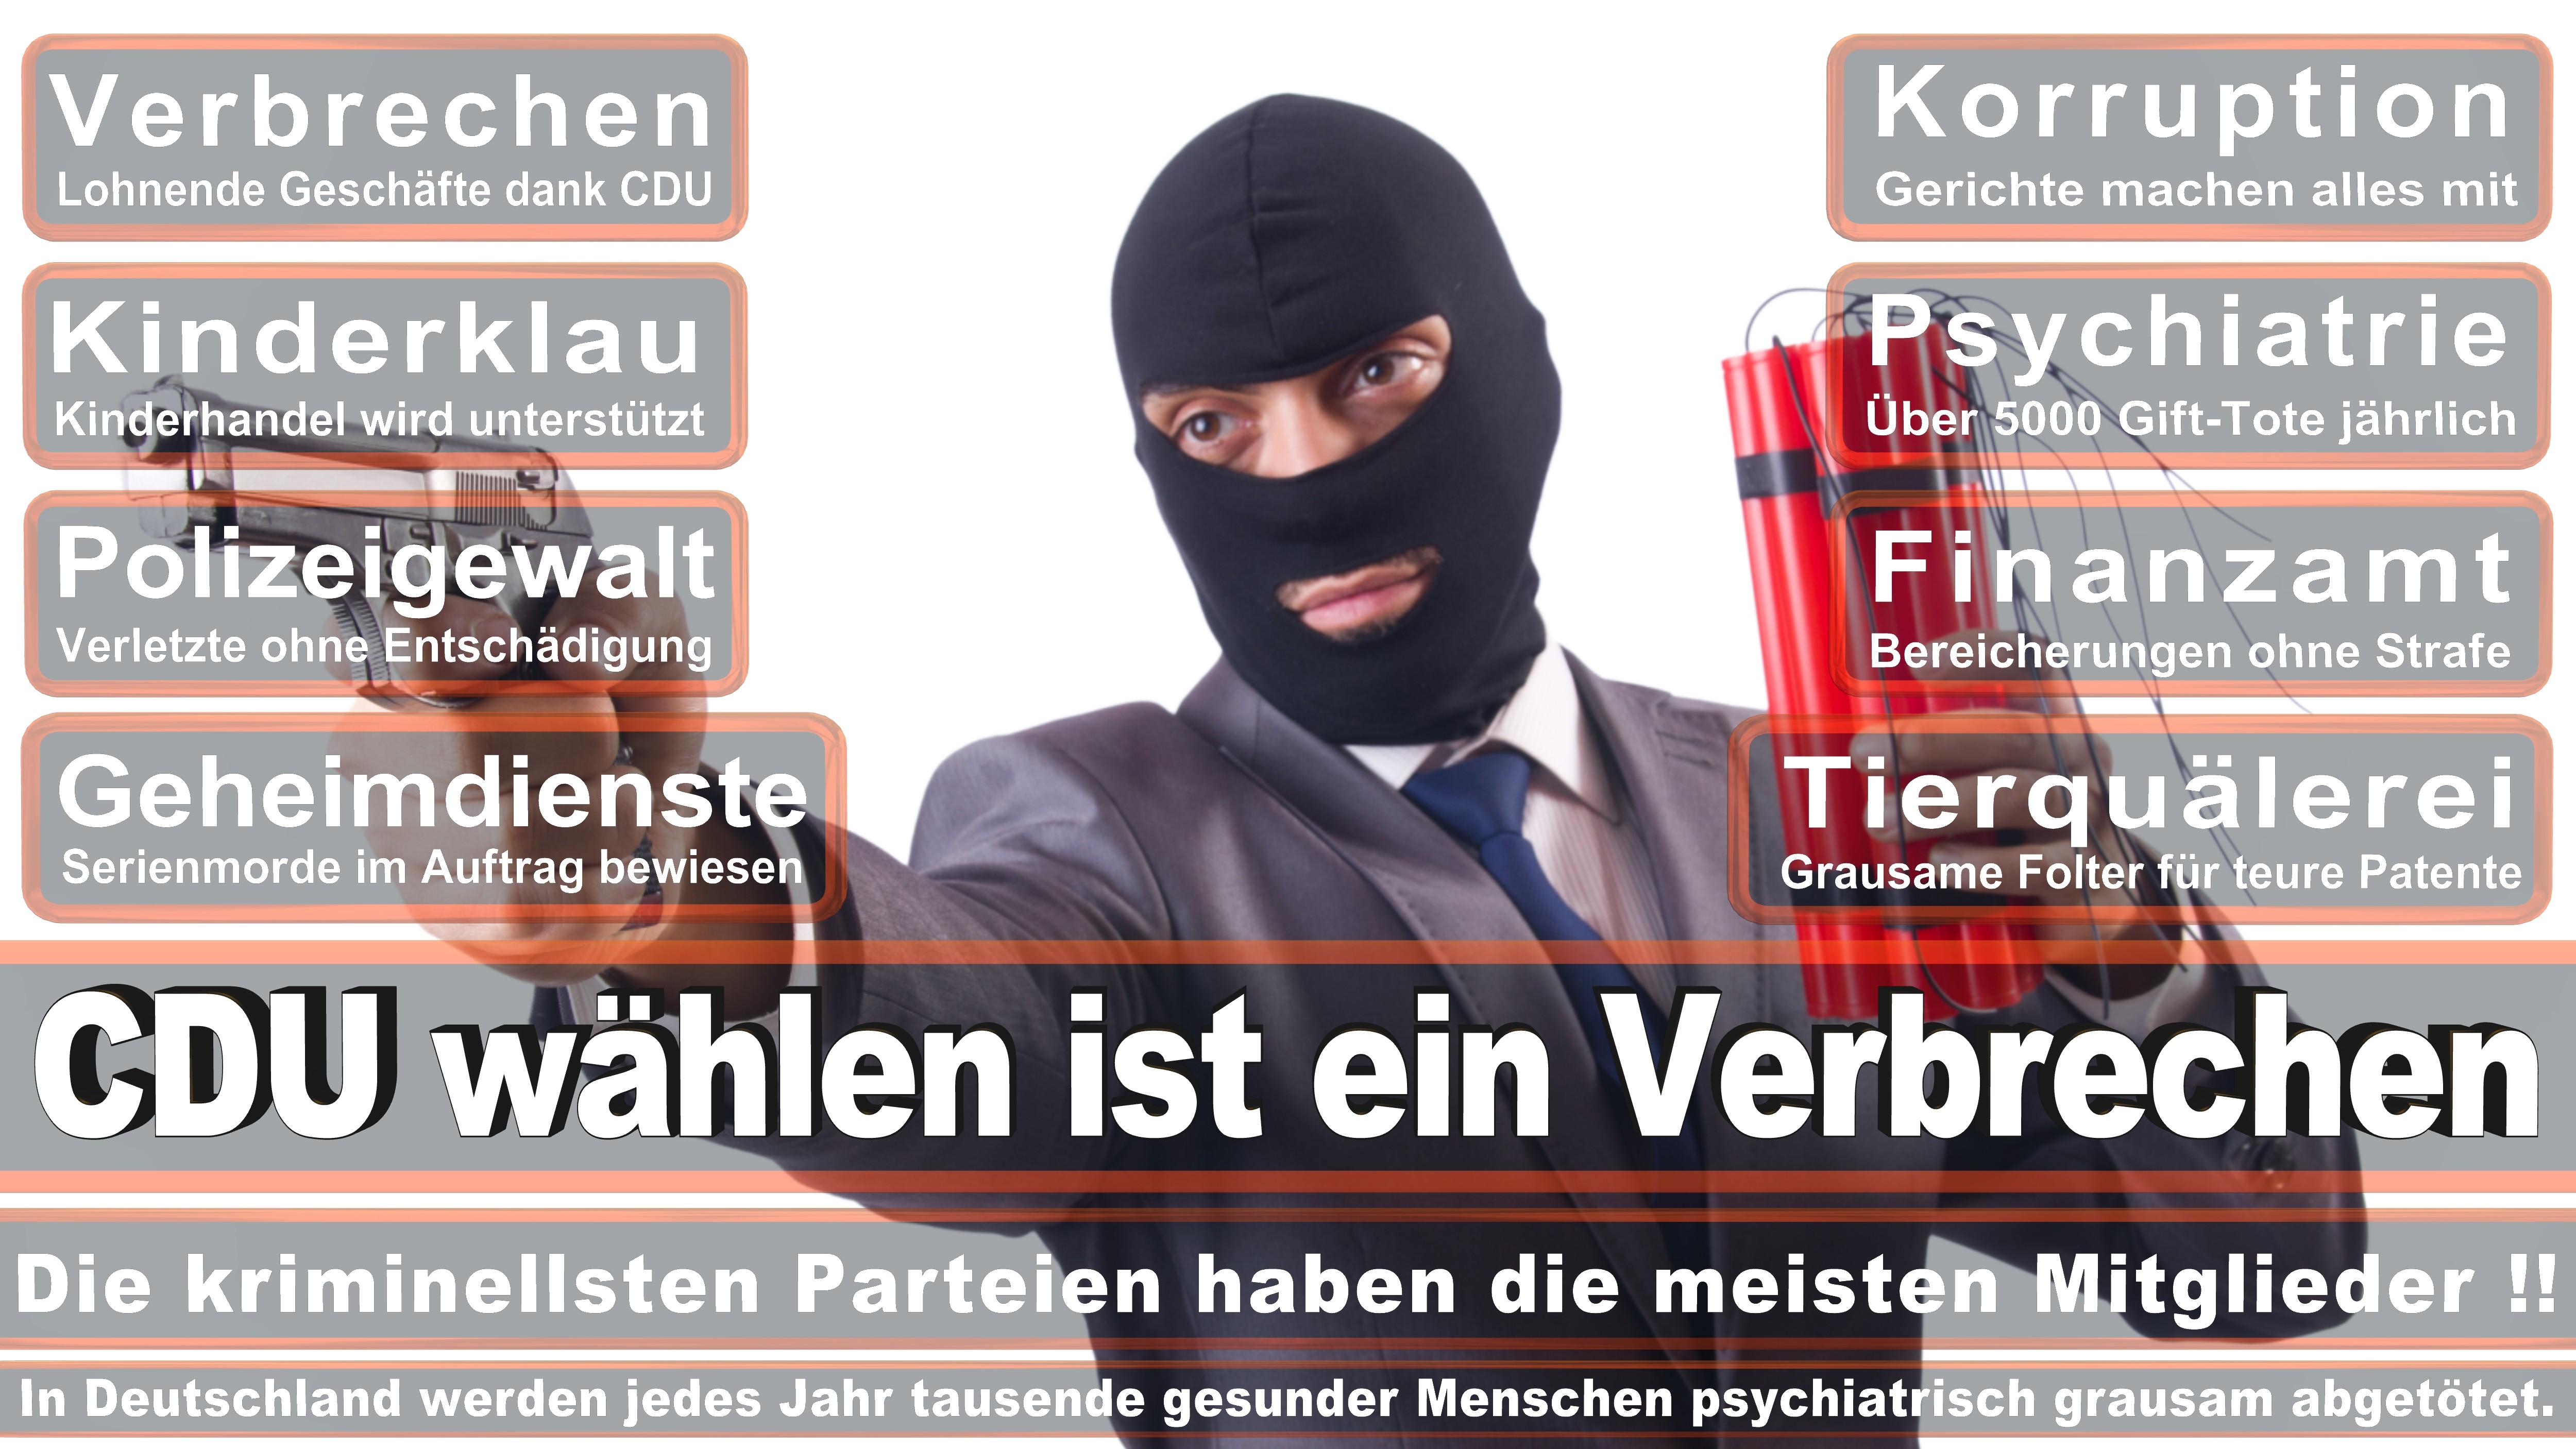 Stephan Mayer CDU CSU Politiker